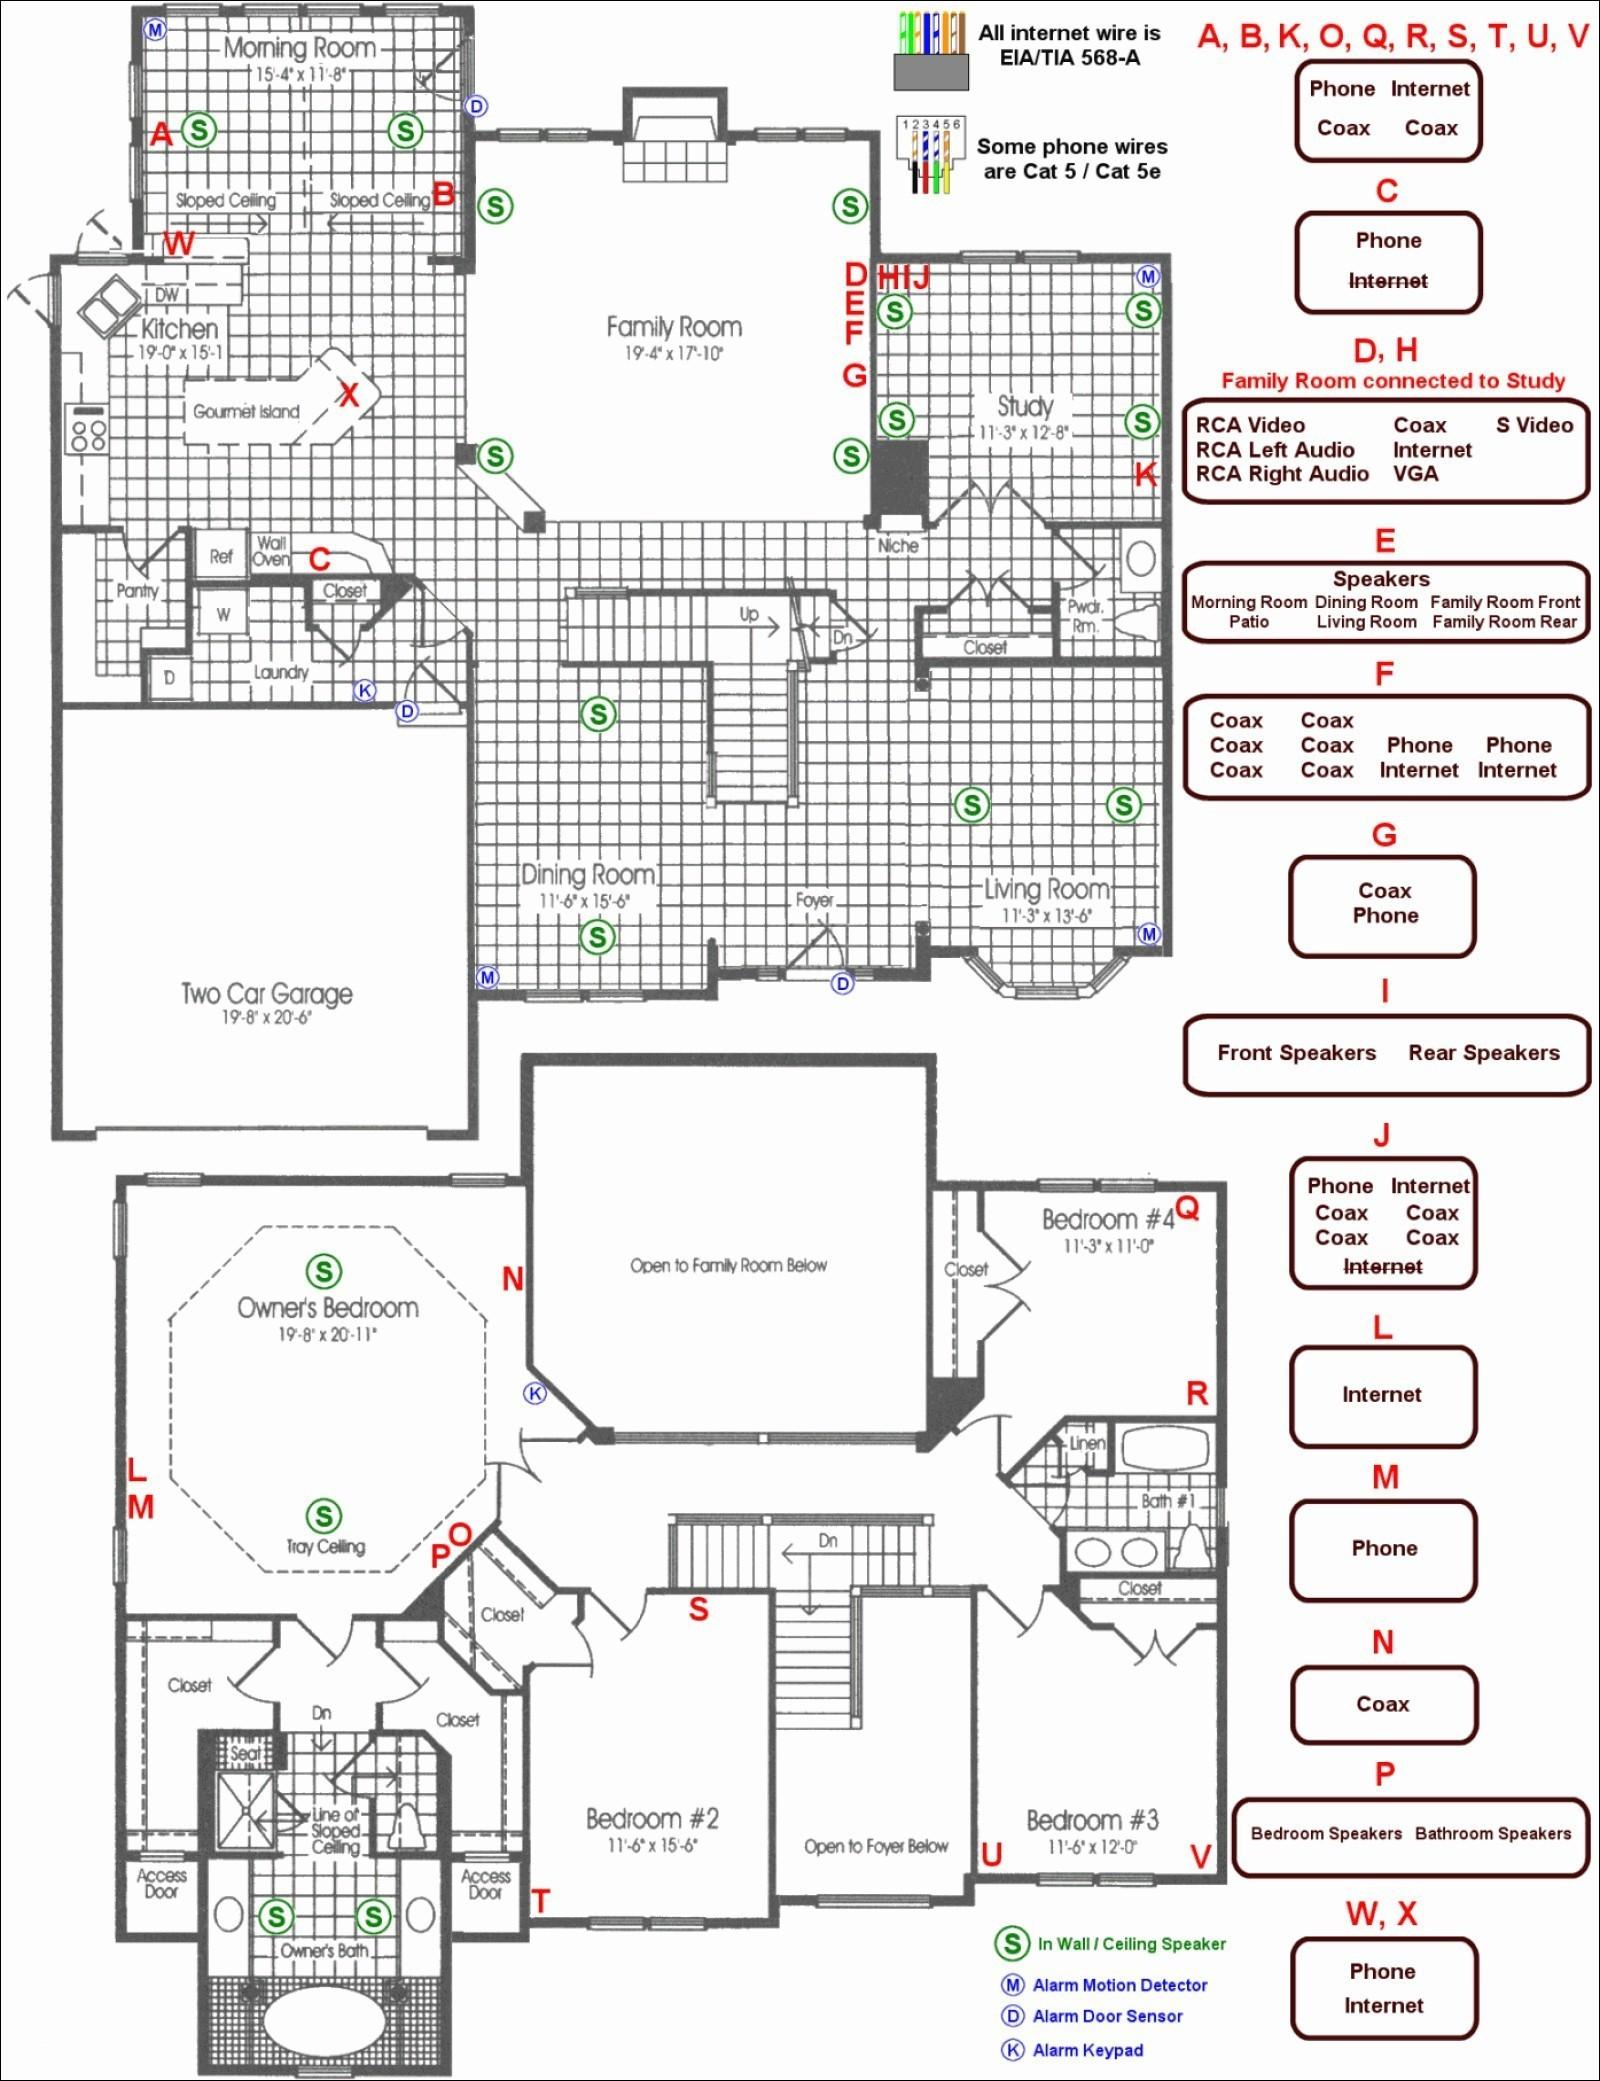 Garbage Disposal Parts Diagram Badger Garbage Disposal Wiring Diagram Sample Pdf Wiring Diagram Vw Of Garbage Disposal Parts Diagram